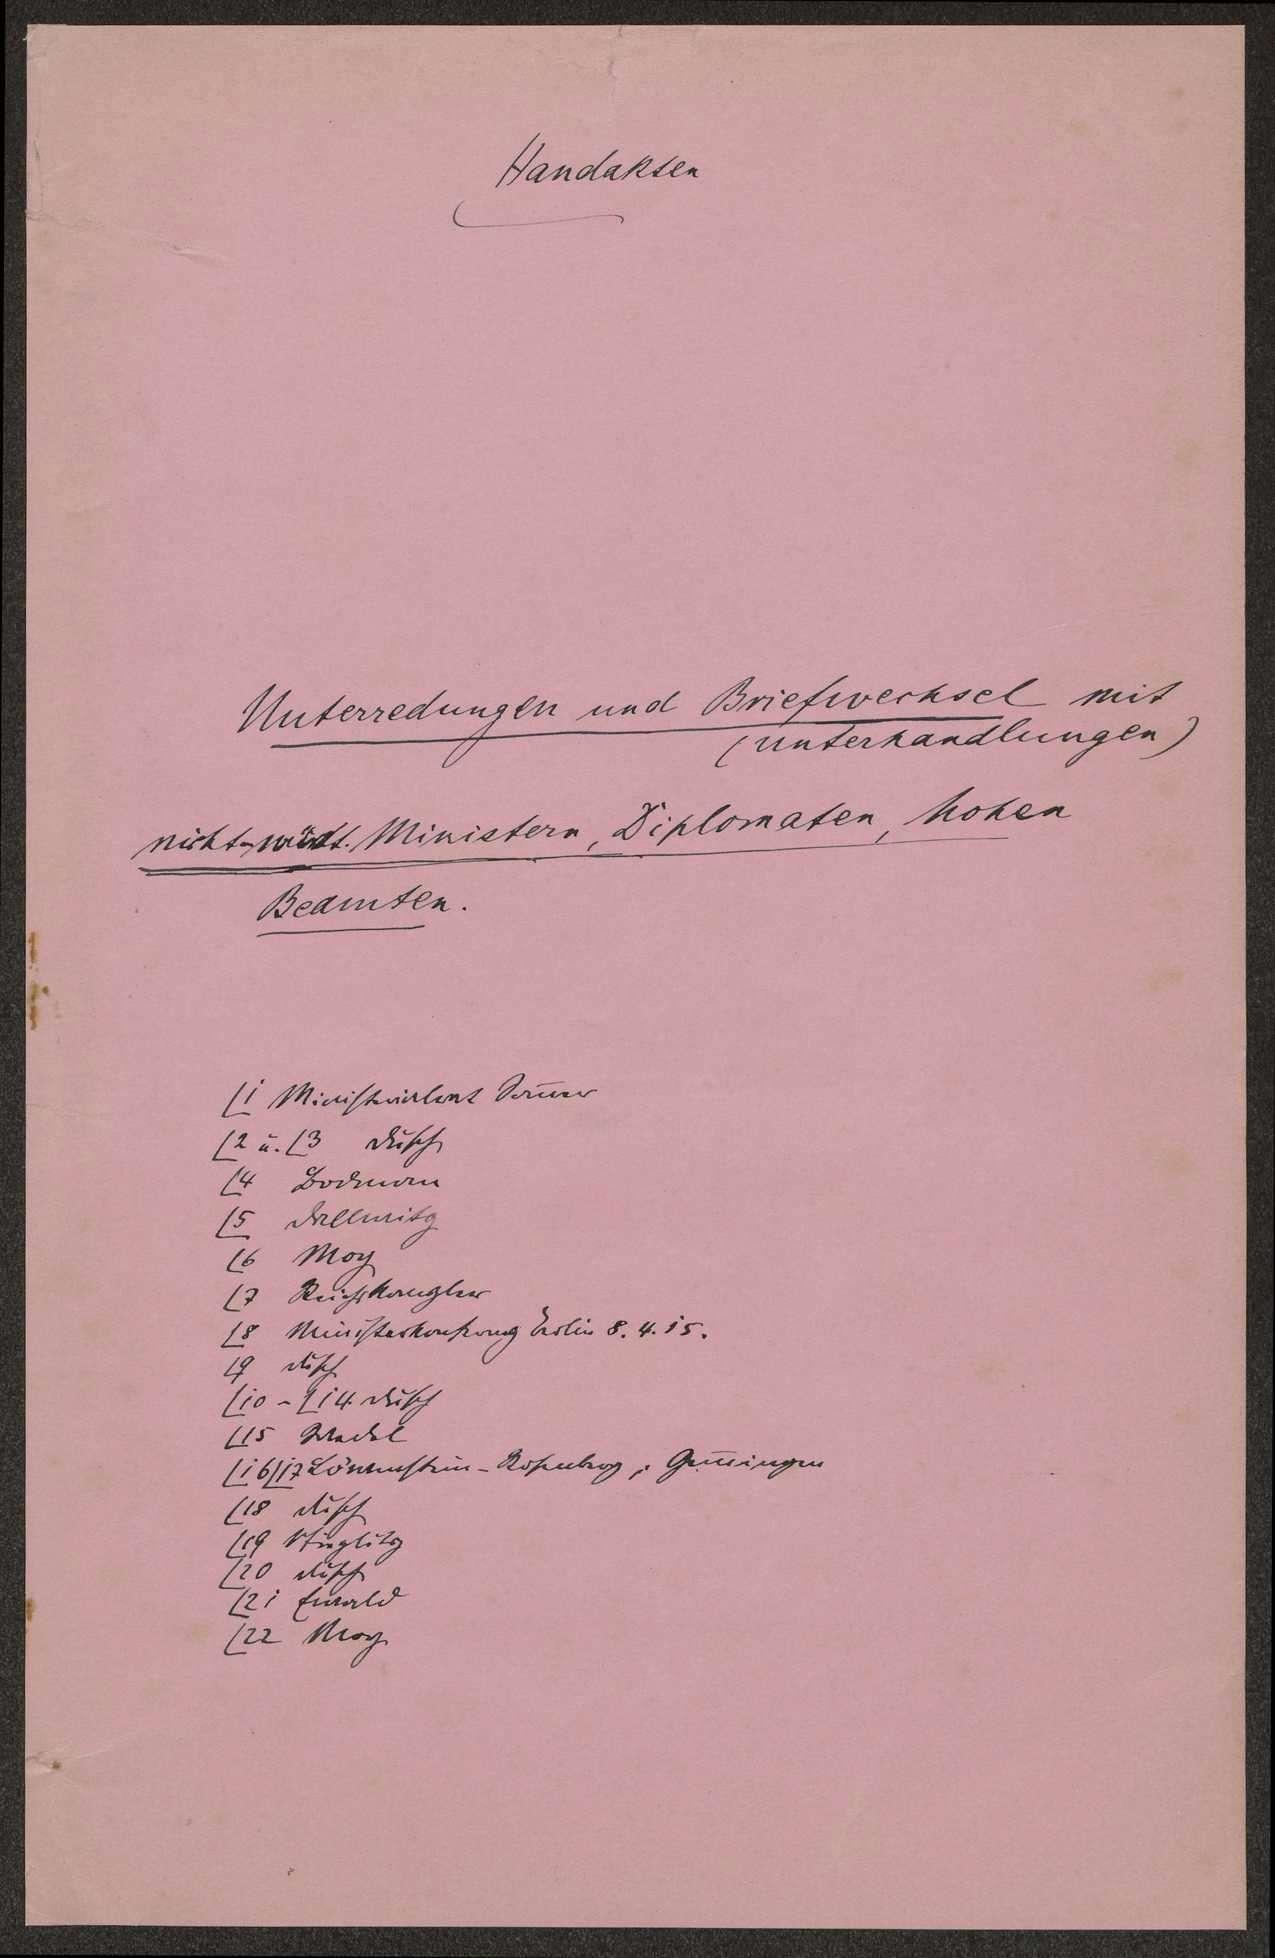 Die elsaß-lothringische Frage. Aufzeichnungen und Korrespondenz mit Reichskanzler, Ministern, Diplomaten und hohen Beamten (mit Inhaltsübersicht), Bild 2